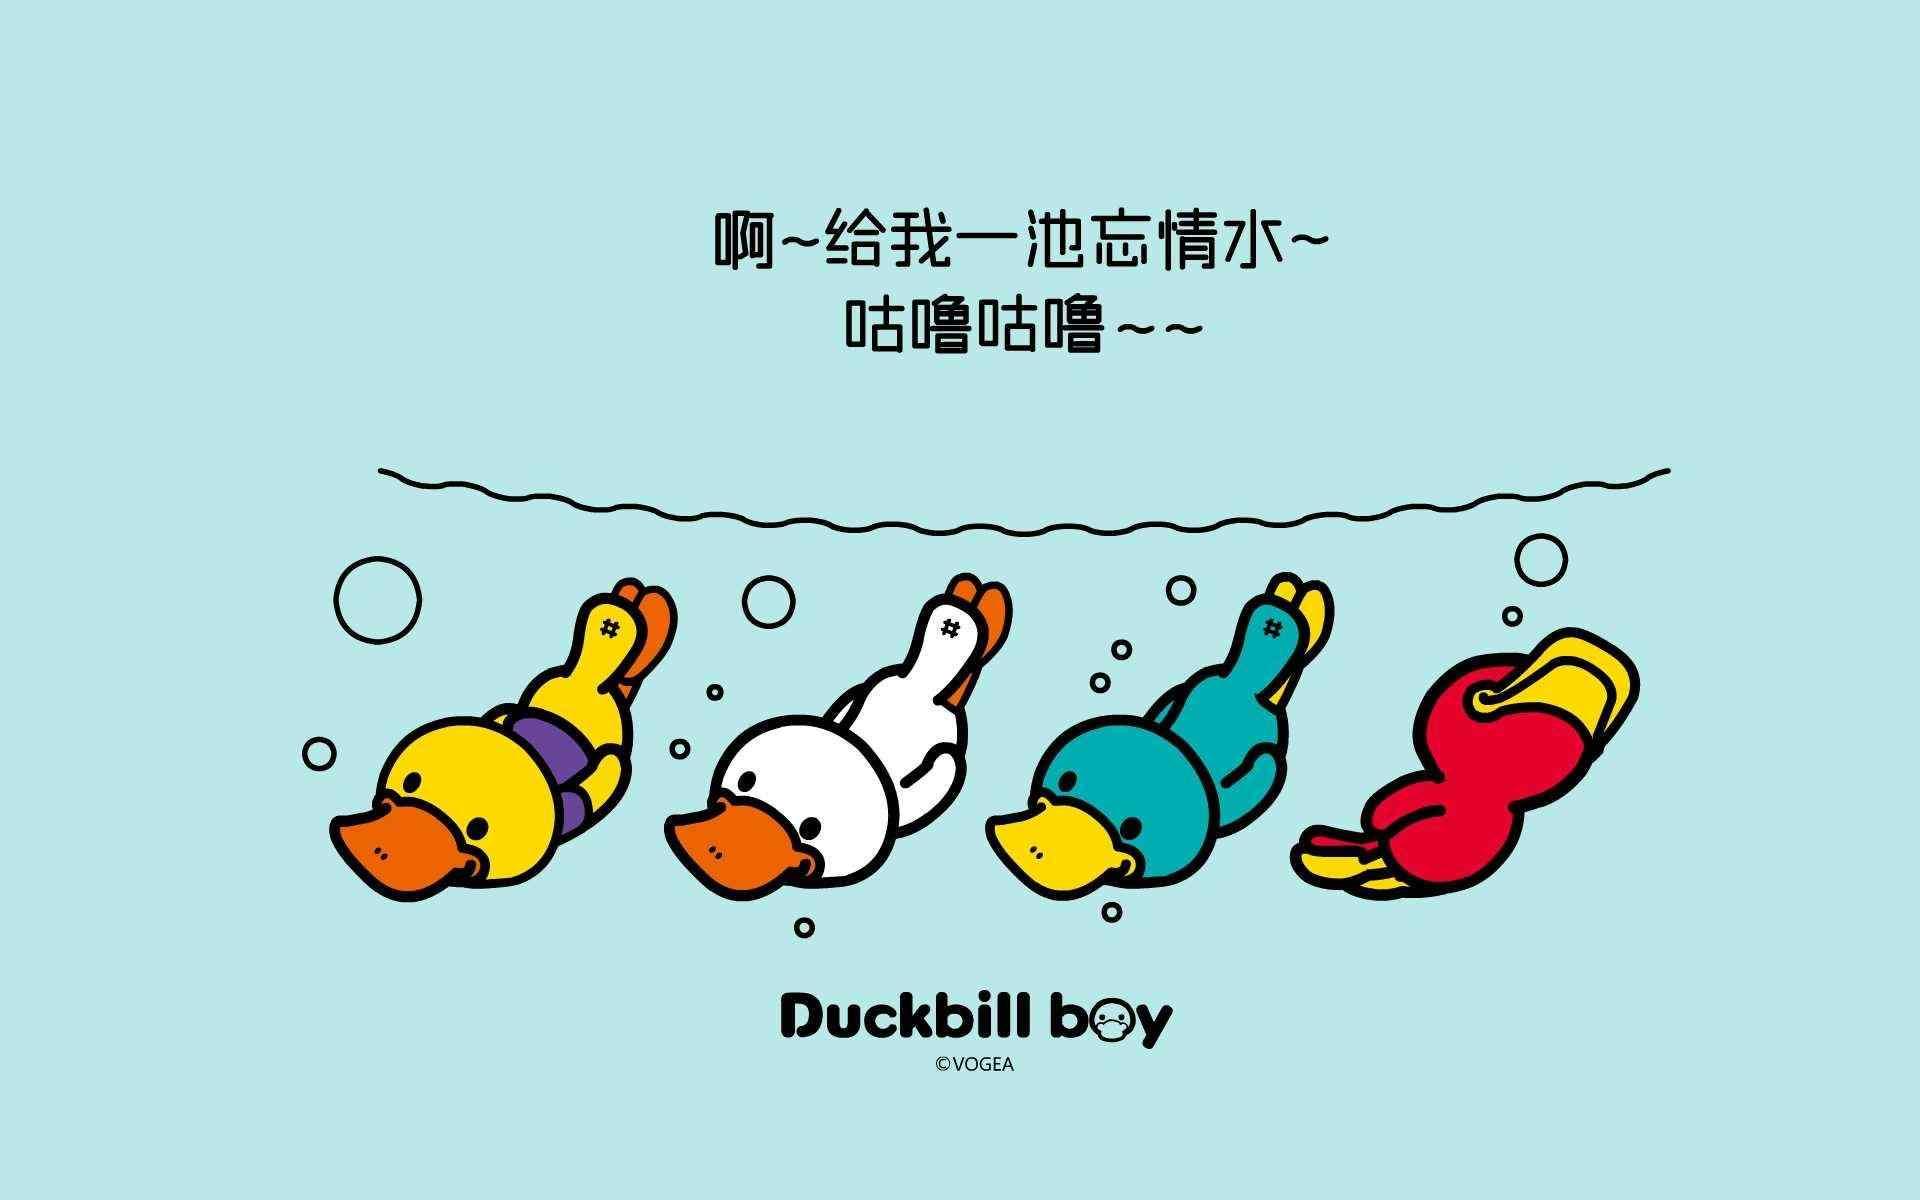 鸭嘴兽男孩搞笑卡通图片高清电脑桌面壁纸